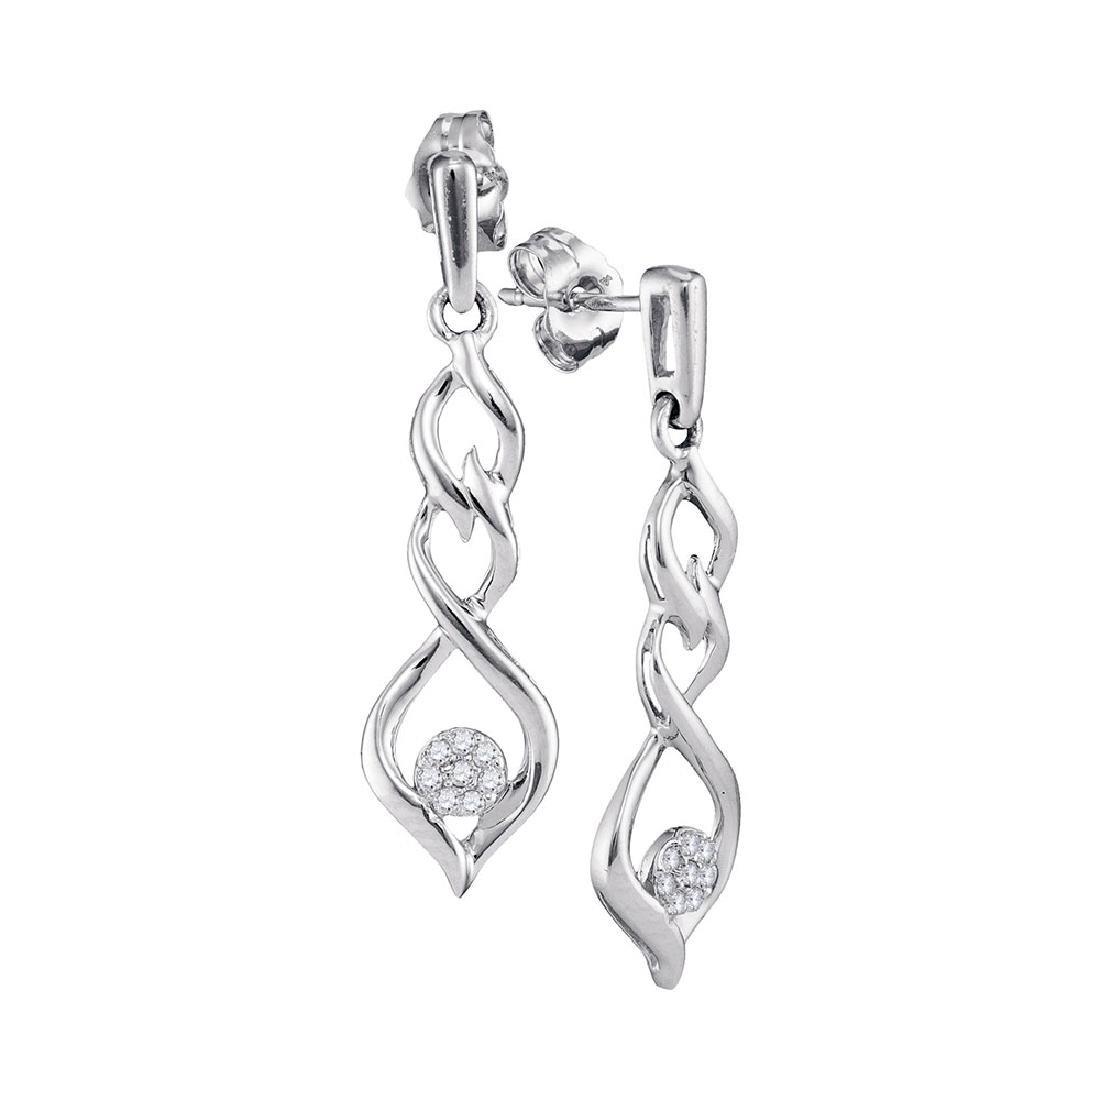 0.10 CTW Diamond Cluster Dangle Earrings 10KT White